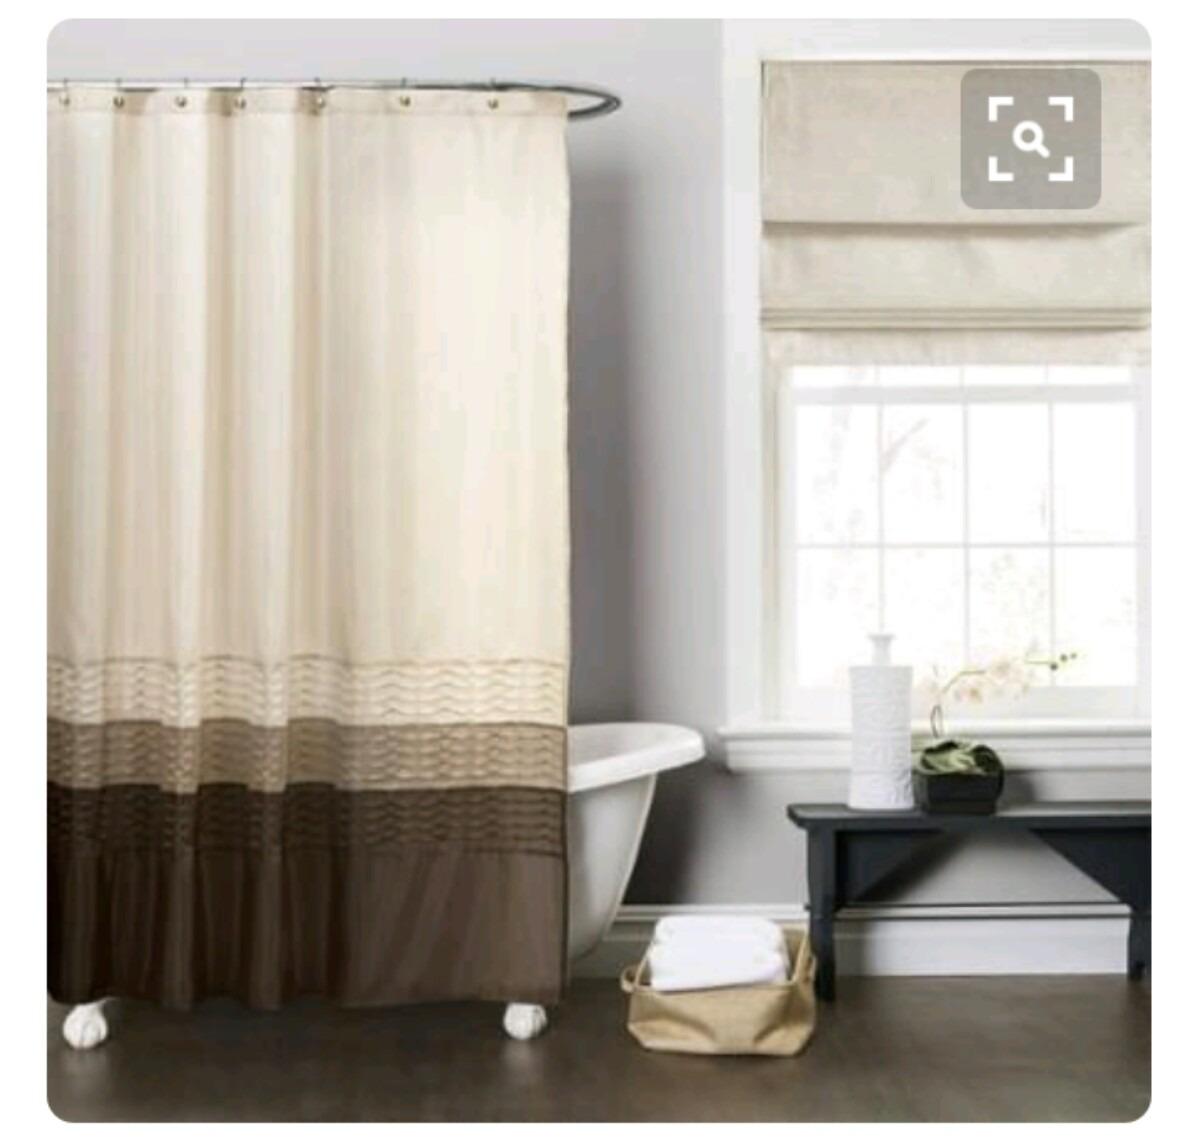 Cortina para ba o tela repelente 2x2 en mercado for Accesorios para cortinas de bano